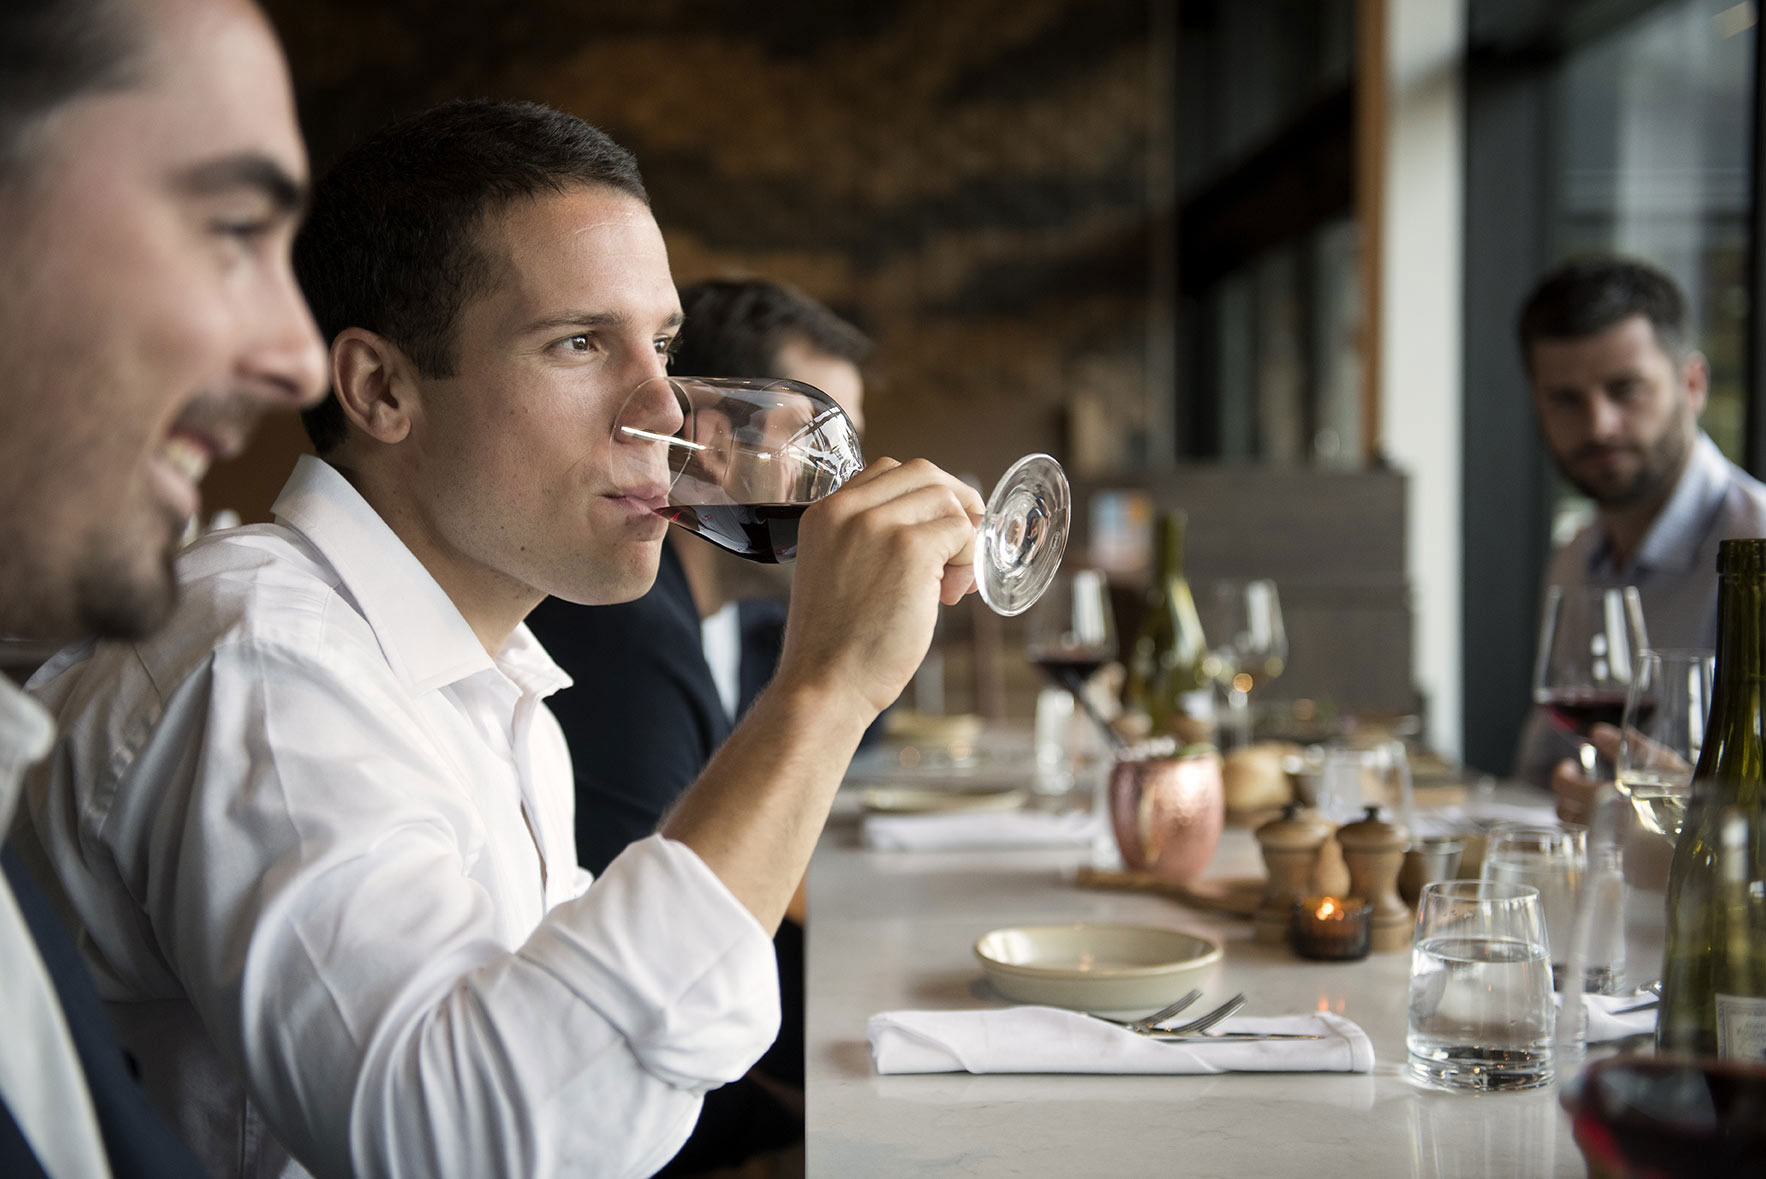 L'îlot restaurant - Bien manger, bien boire, se sentir bien.